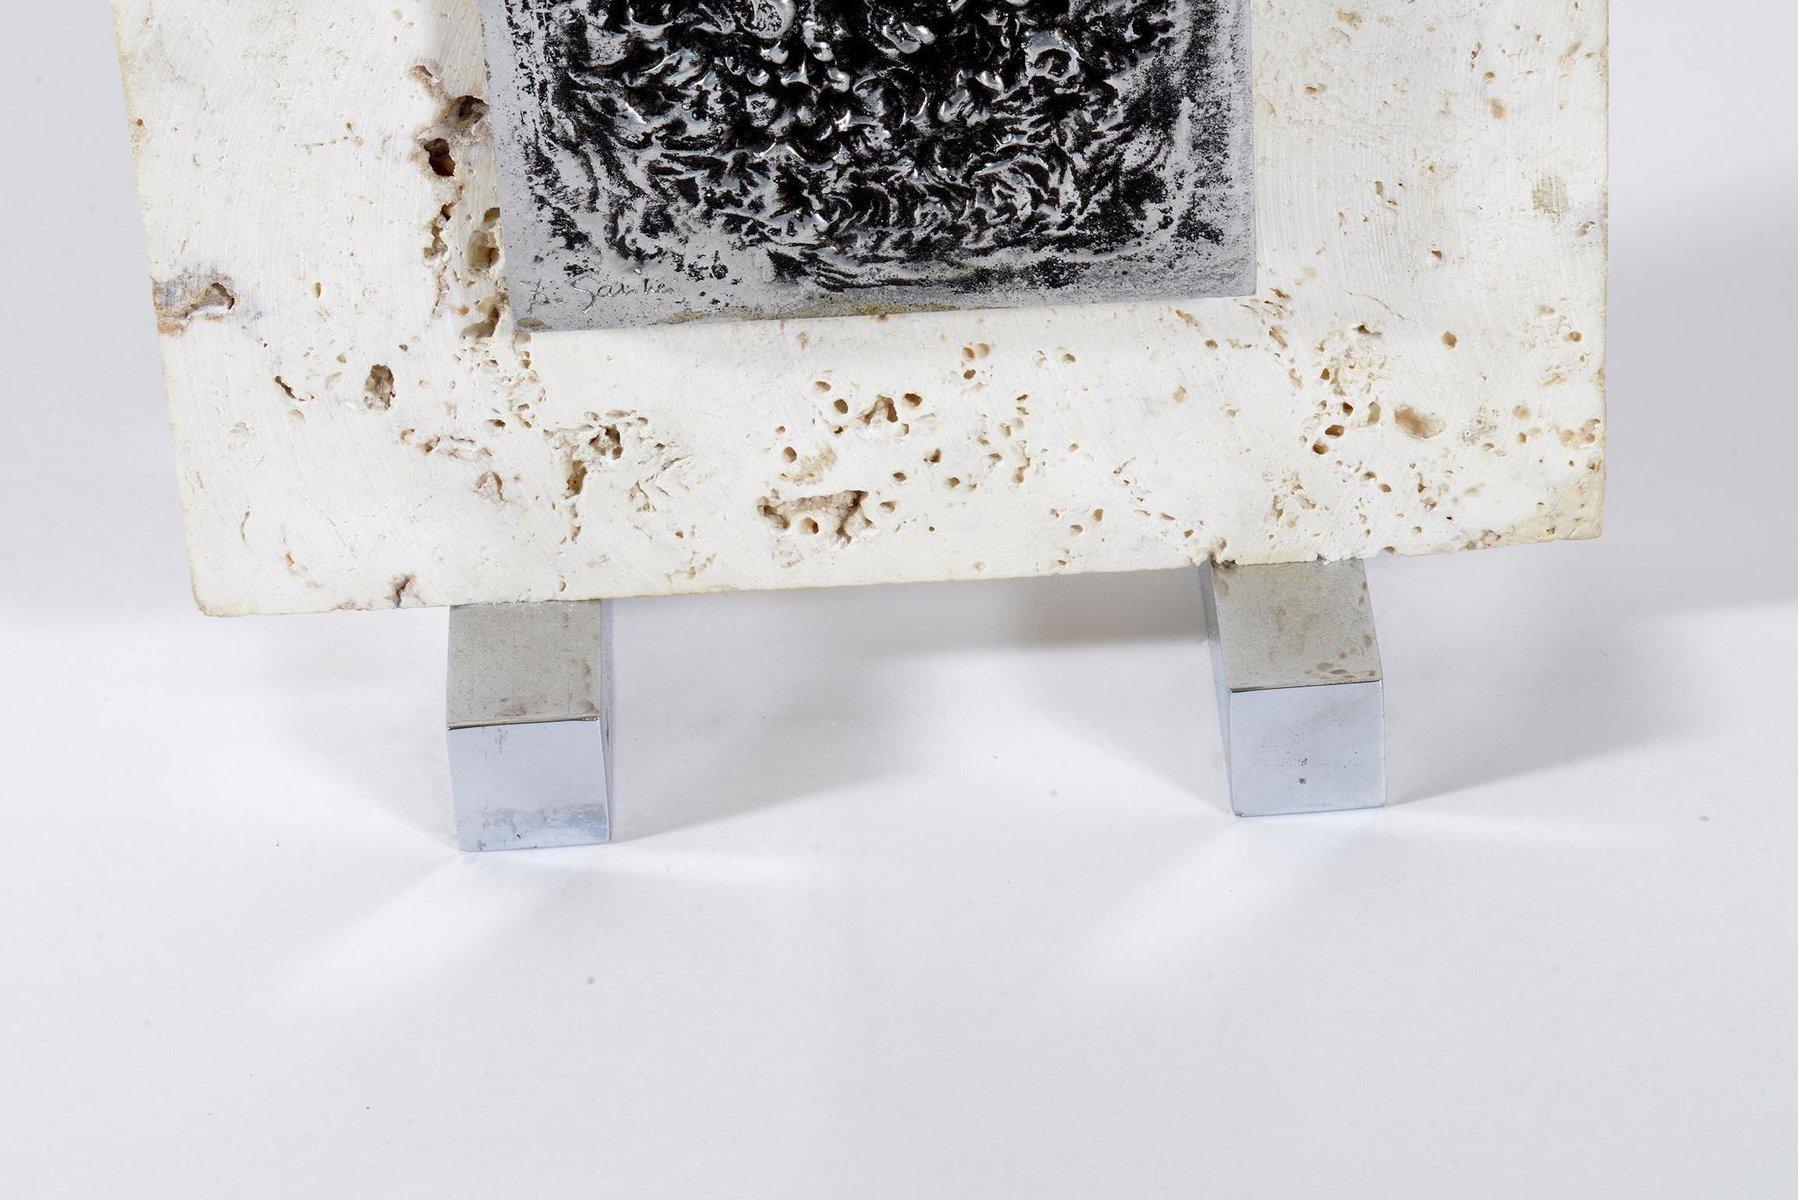 Lampade da tavolo in metallo cromato e travertino italia for Lampade piccole da tavolo